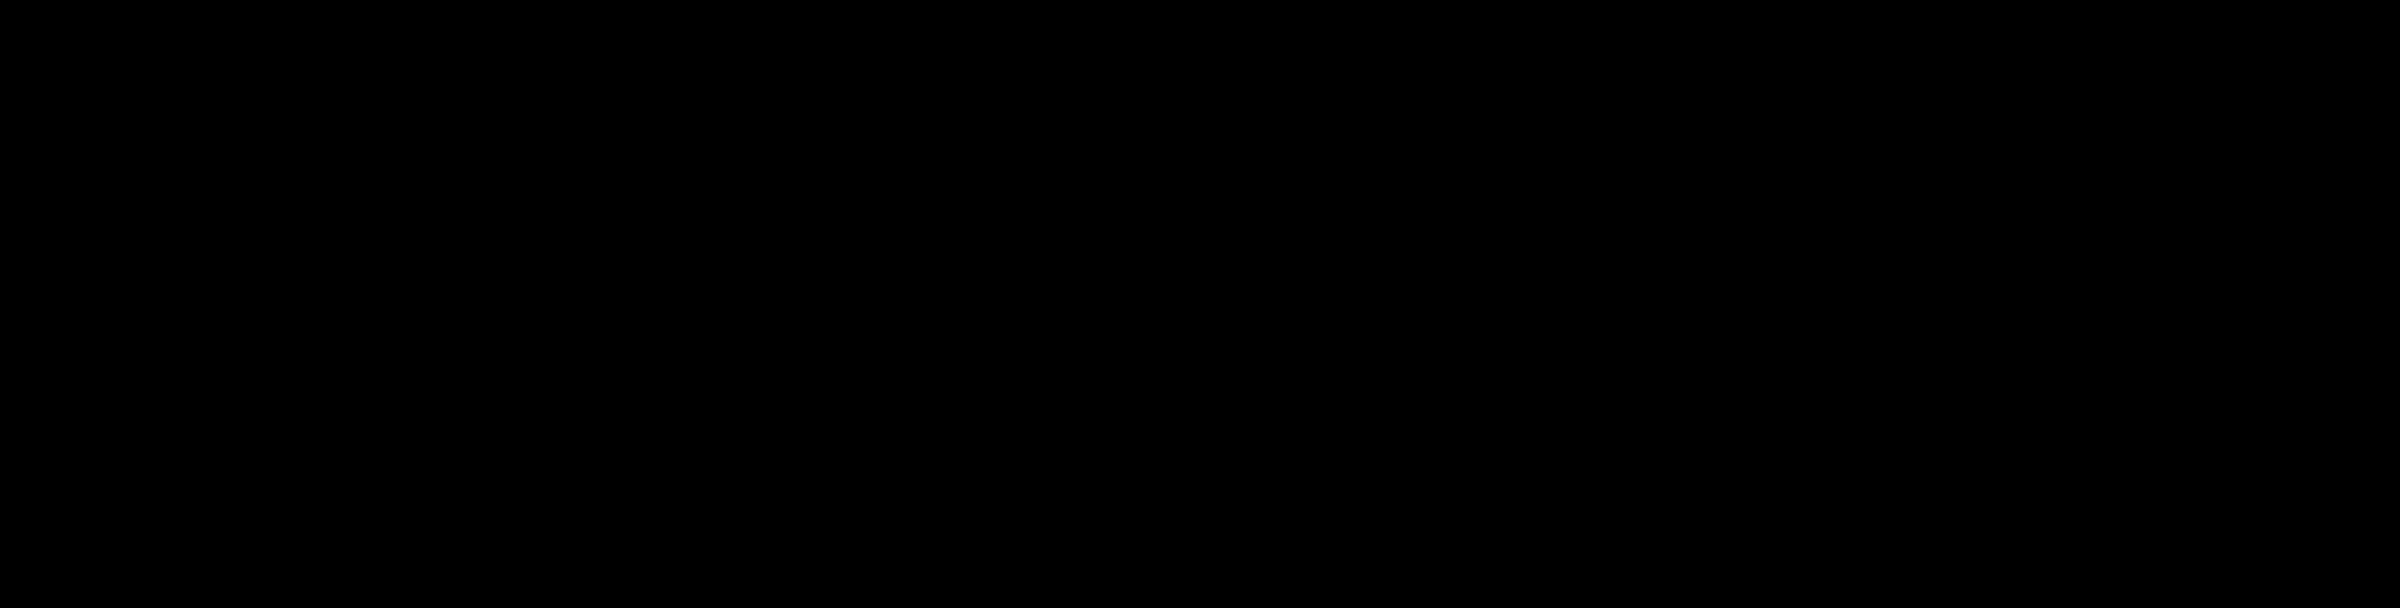 Image result for last fm logo black and white